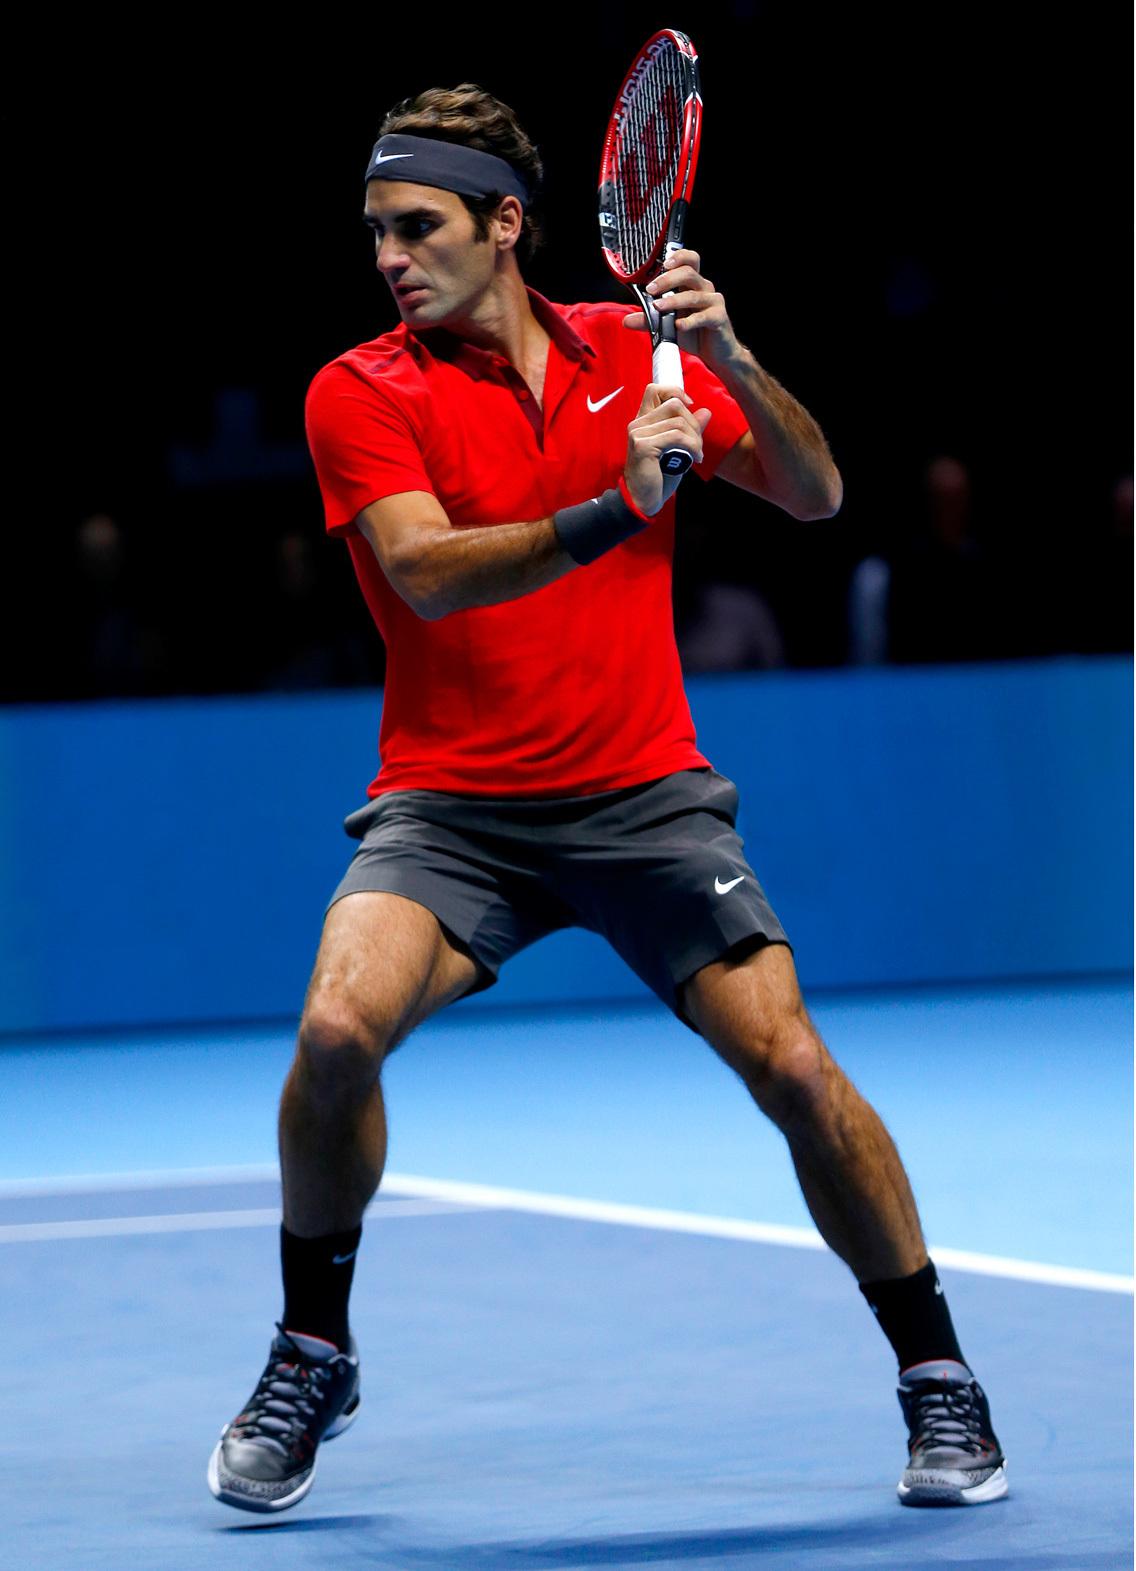 los 25 jugadores de tenis con más estilo de todos los tiempos - i-D